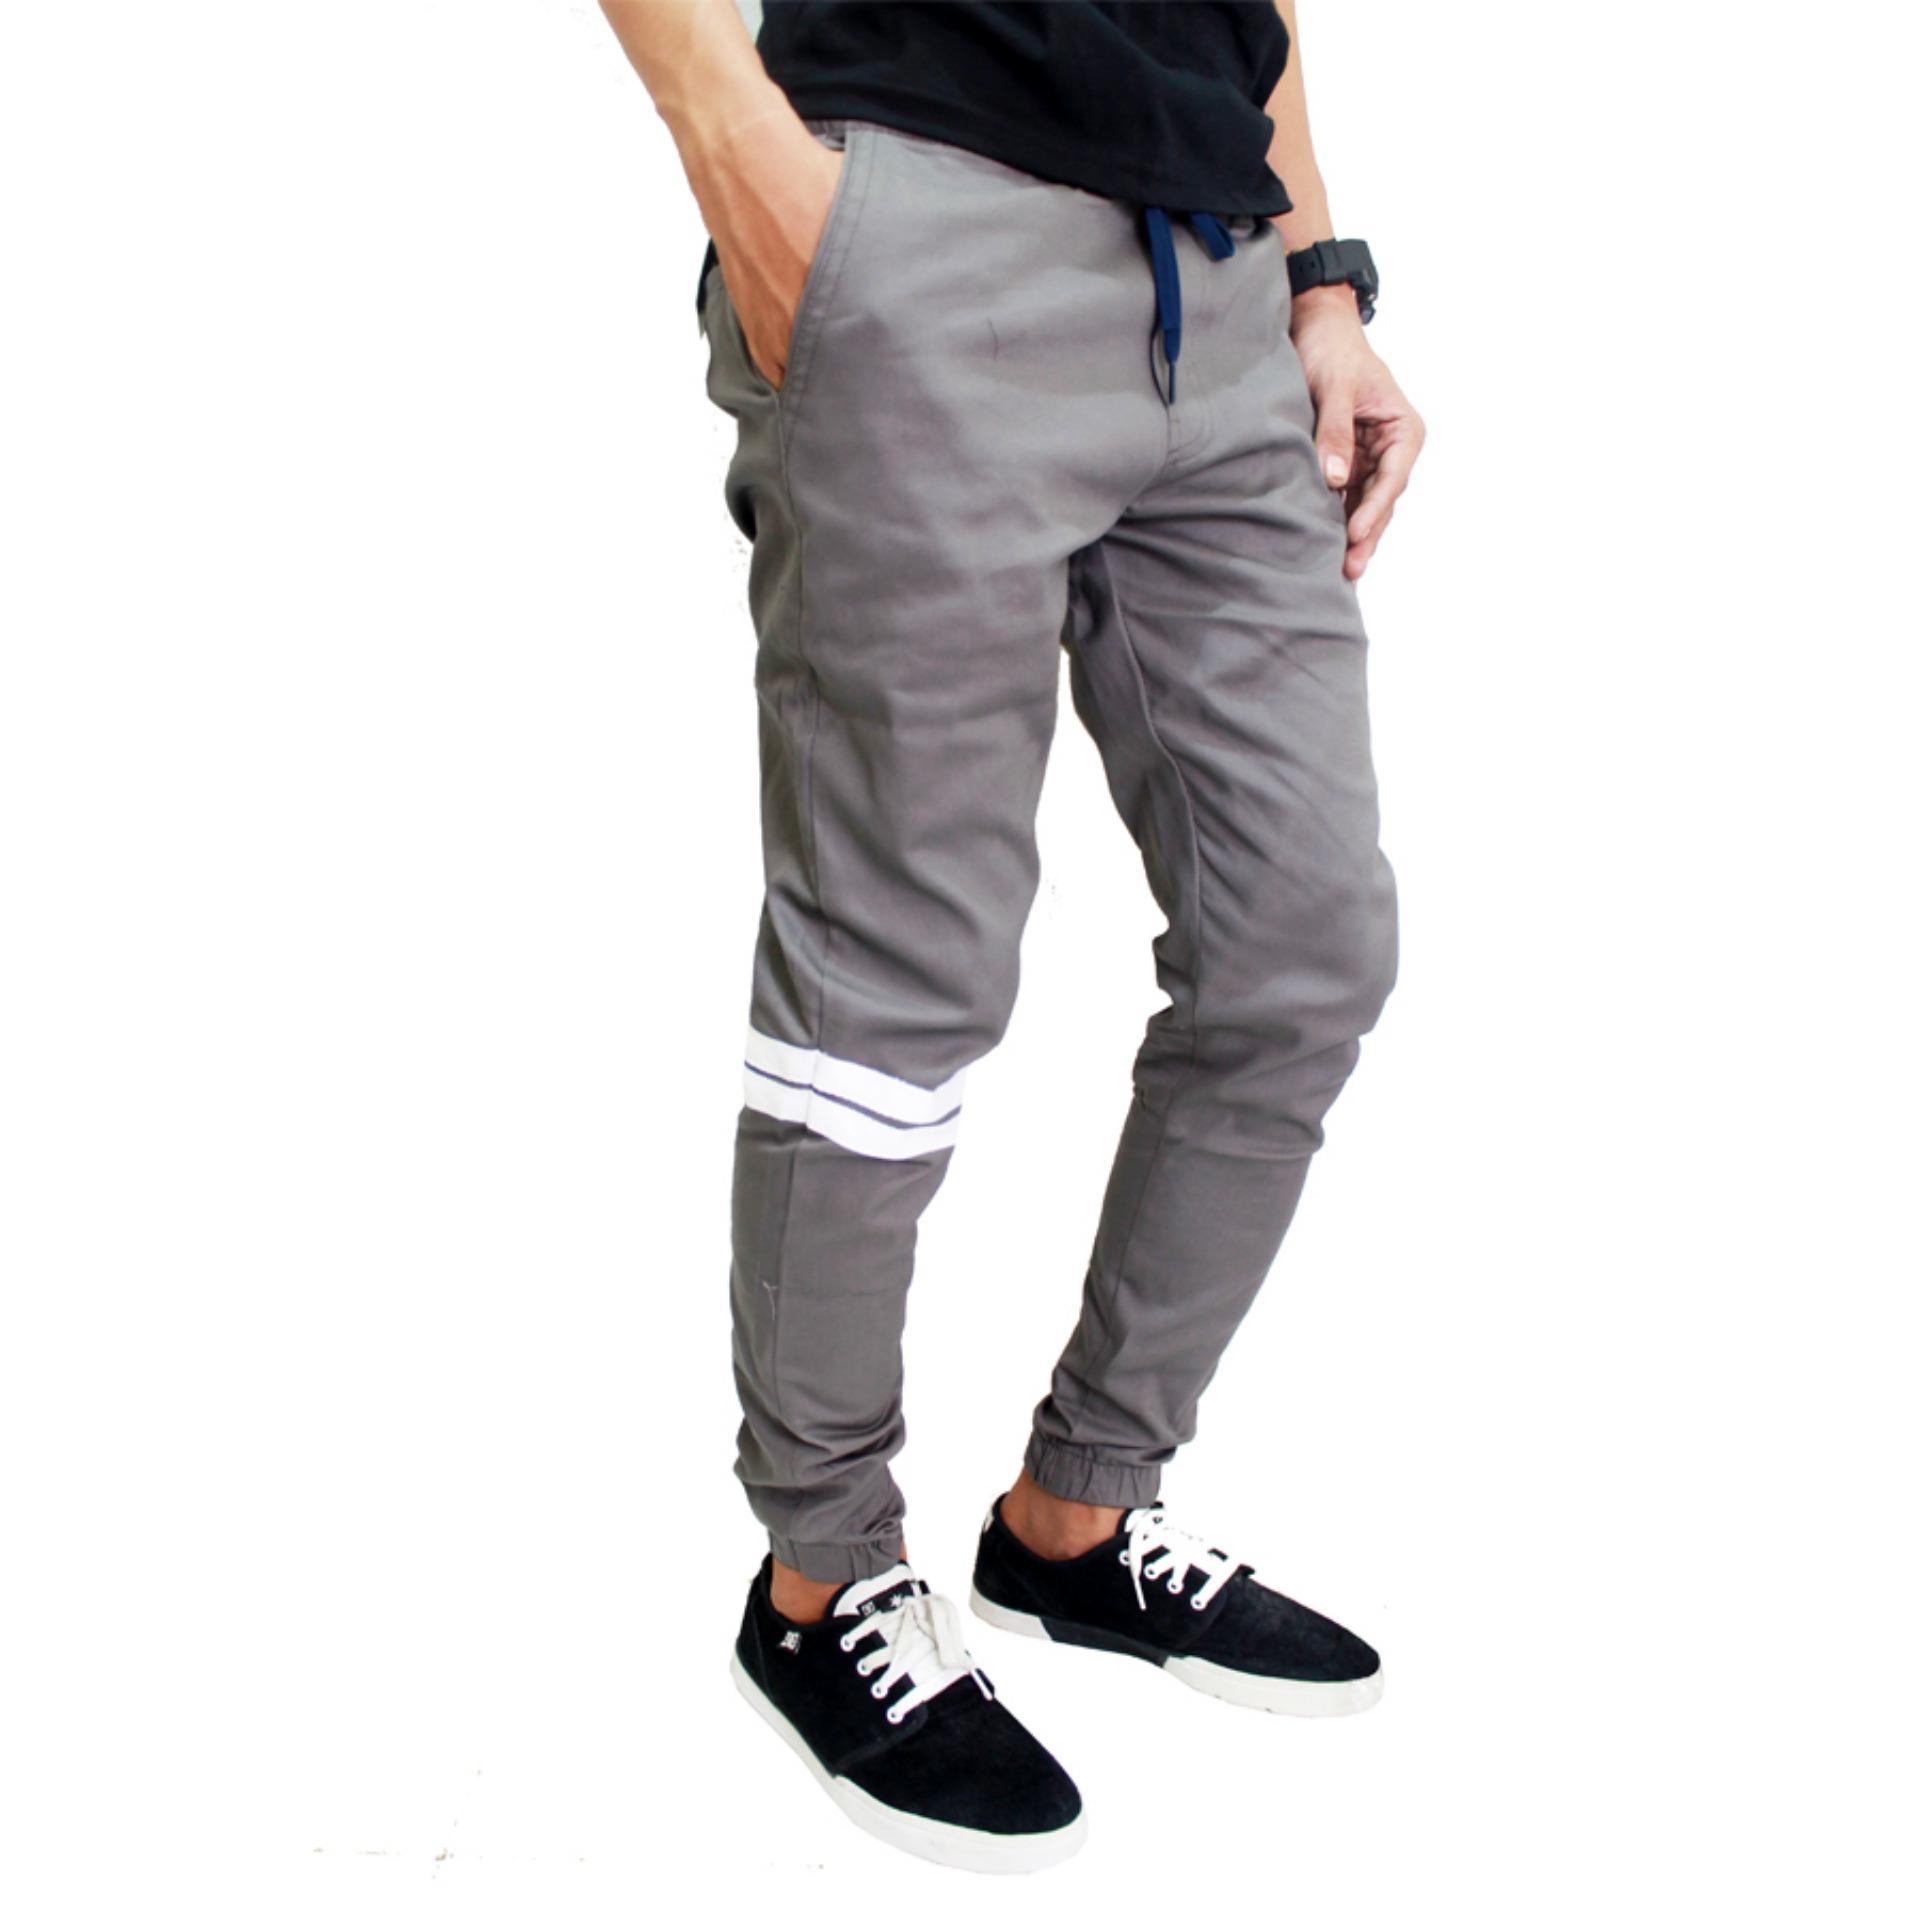 Beli Gudang Fashion Celana Jogger Naruto Abu Kredit Banten